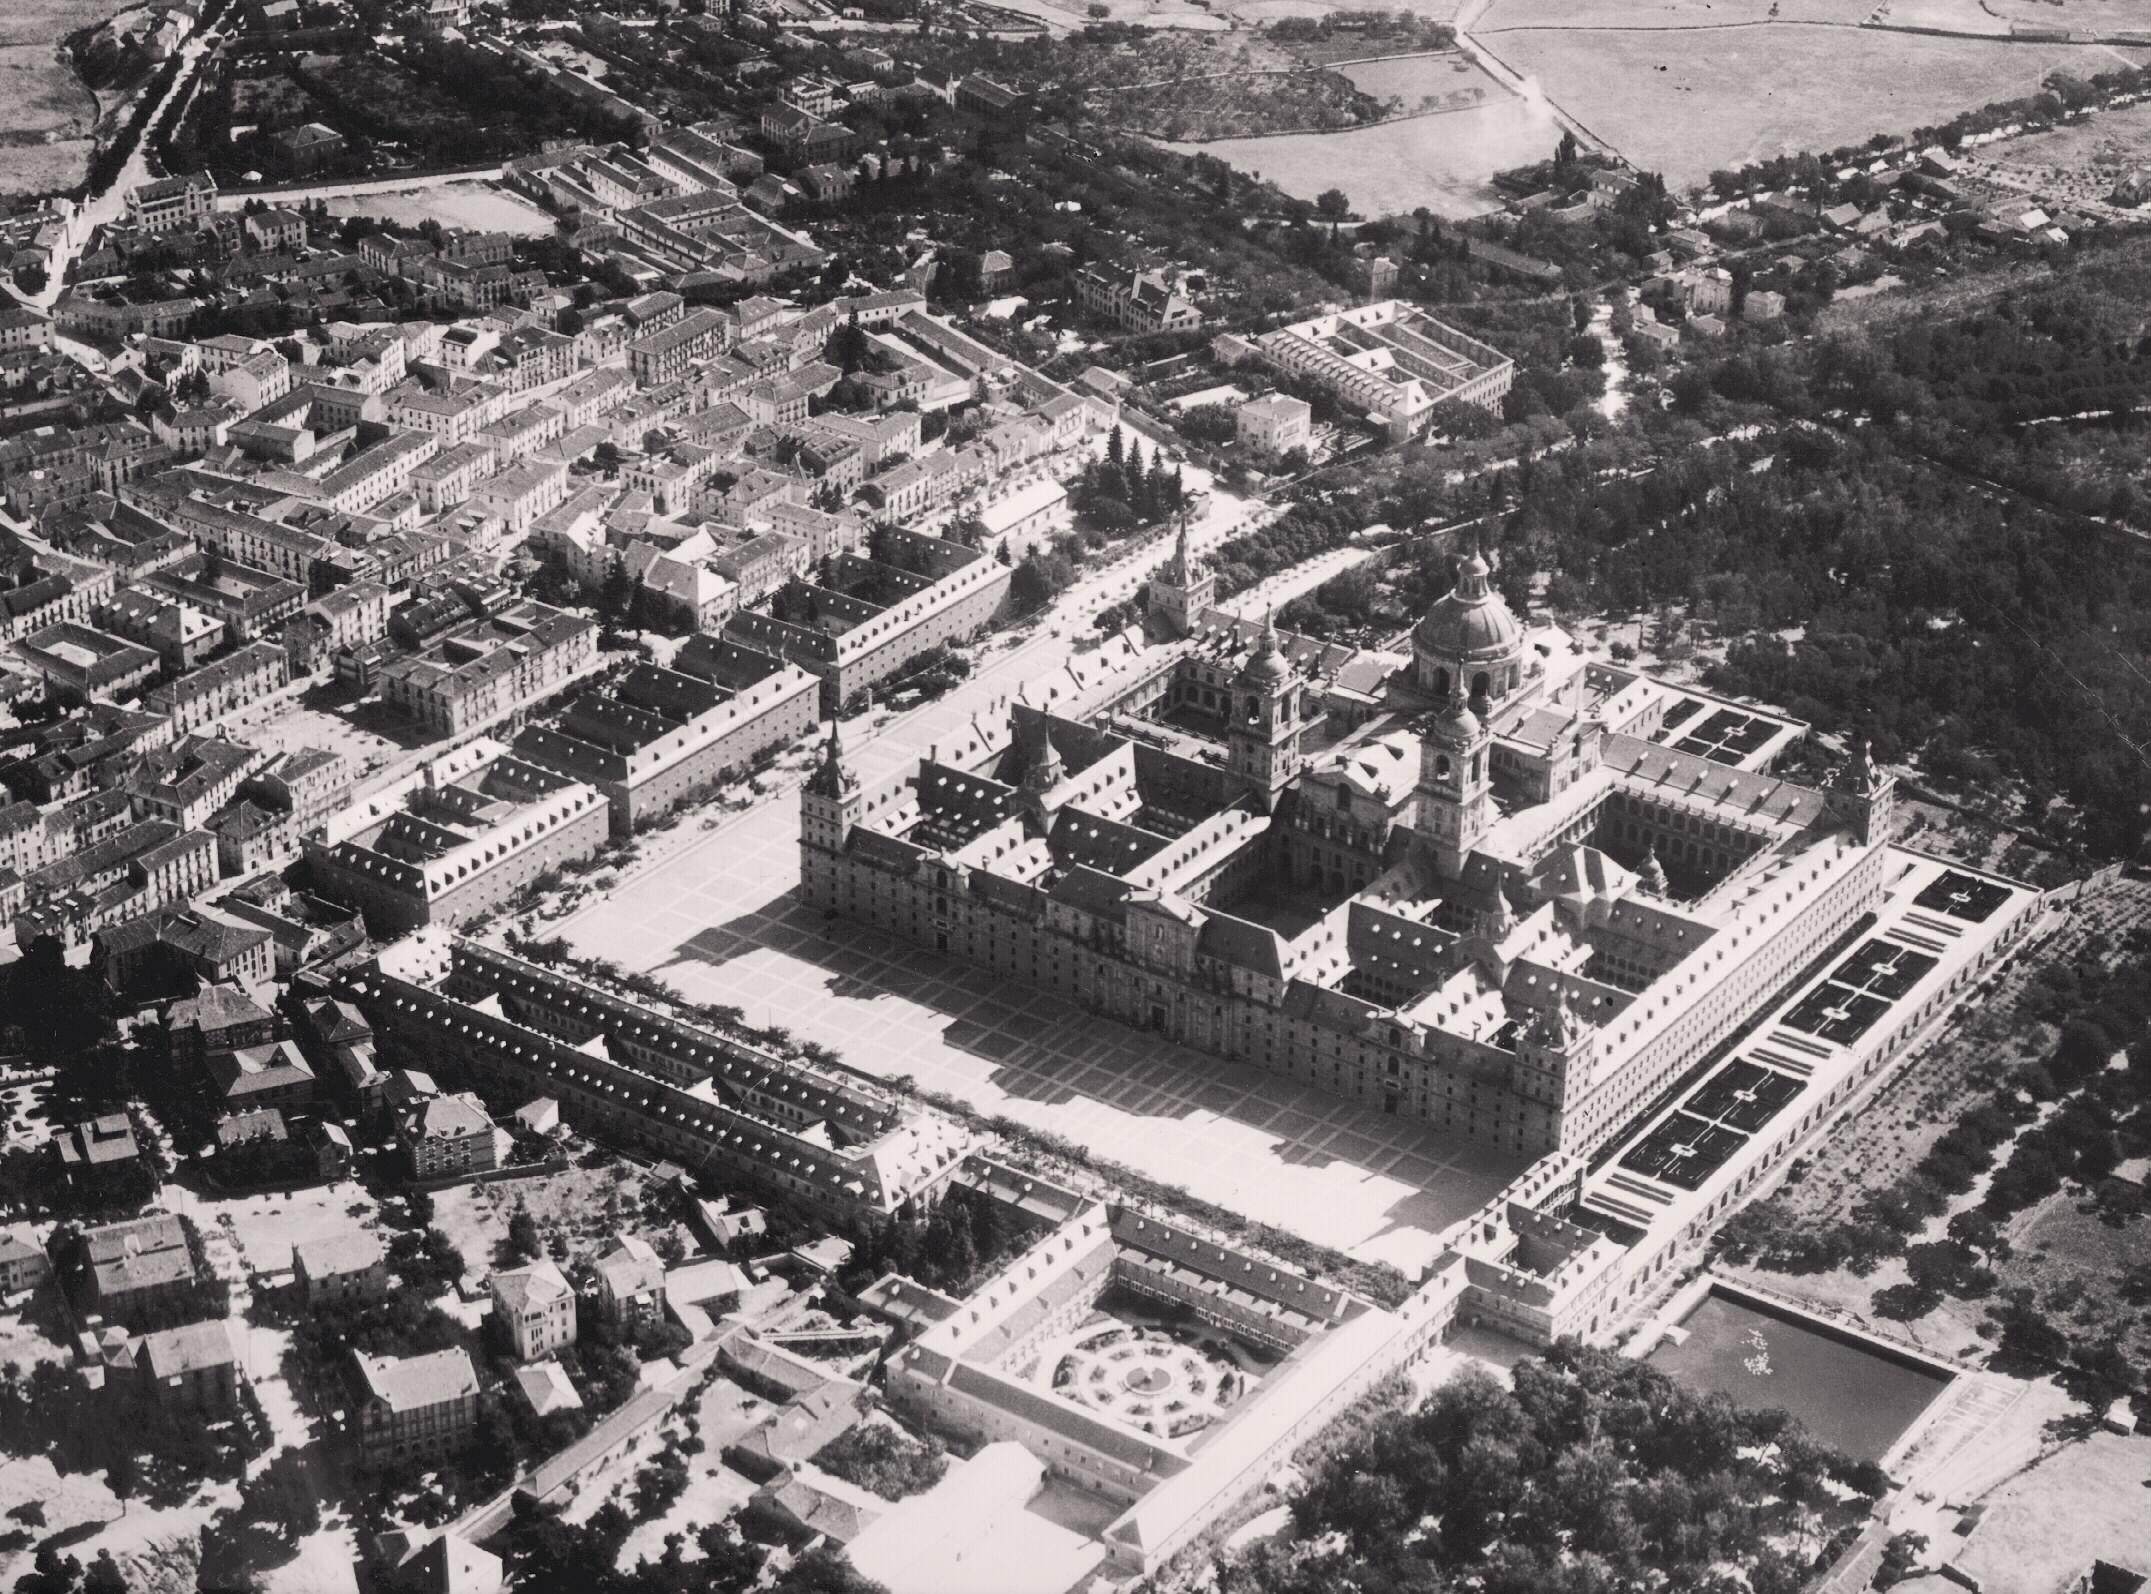 Vista aérea del Monasterio de El escorial en donde se aprecian a la perfección las tres Casas de Oficios y la Casa de Infantes. 1929.